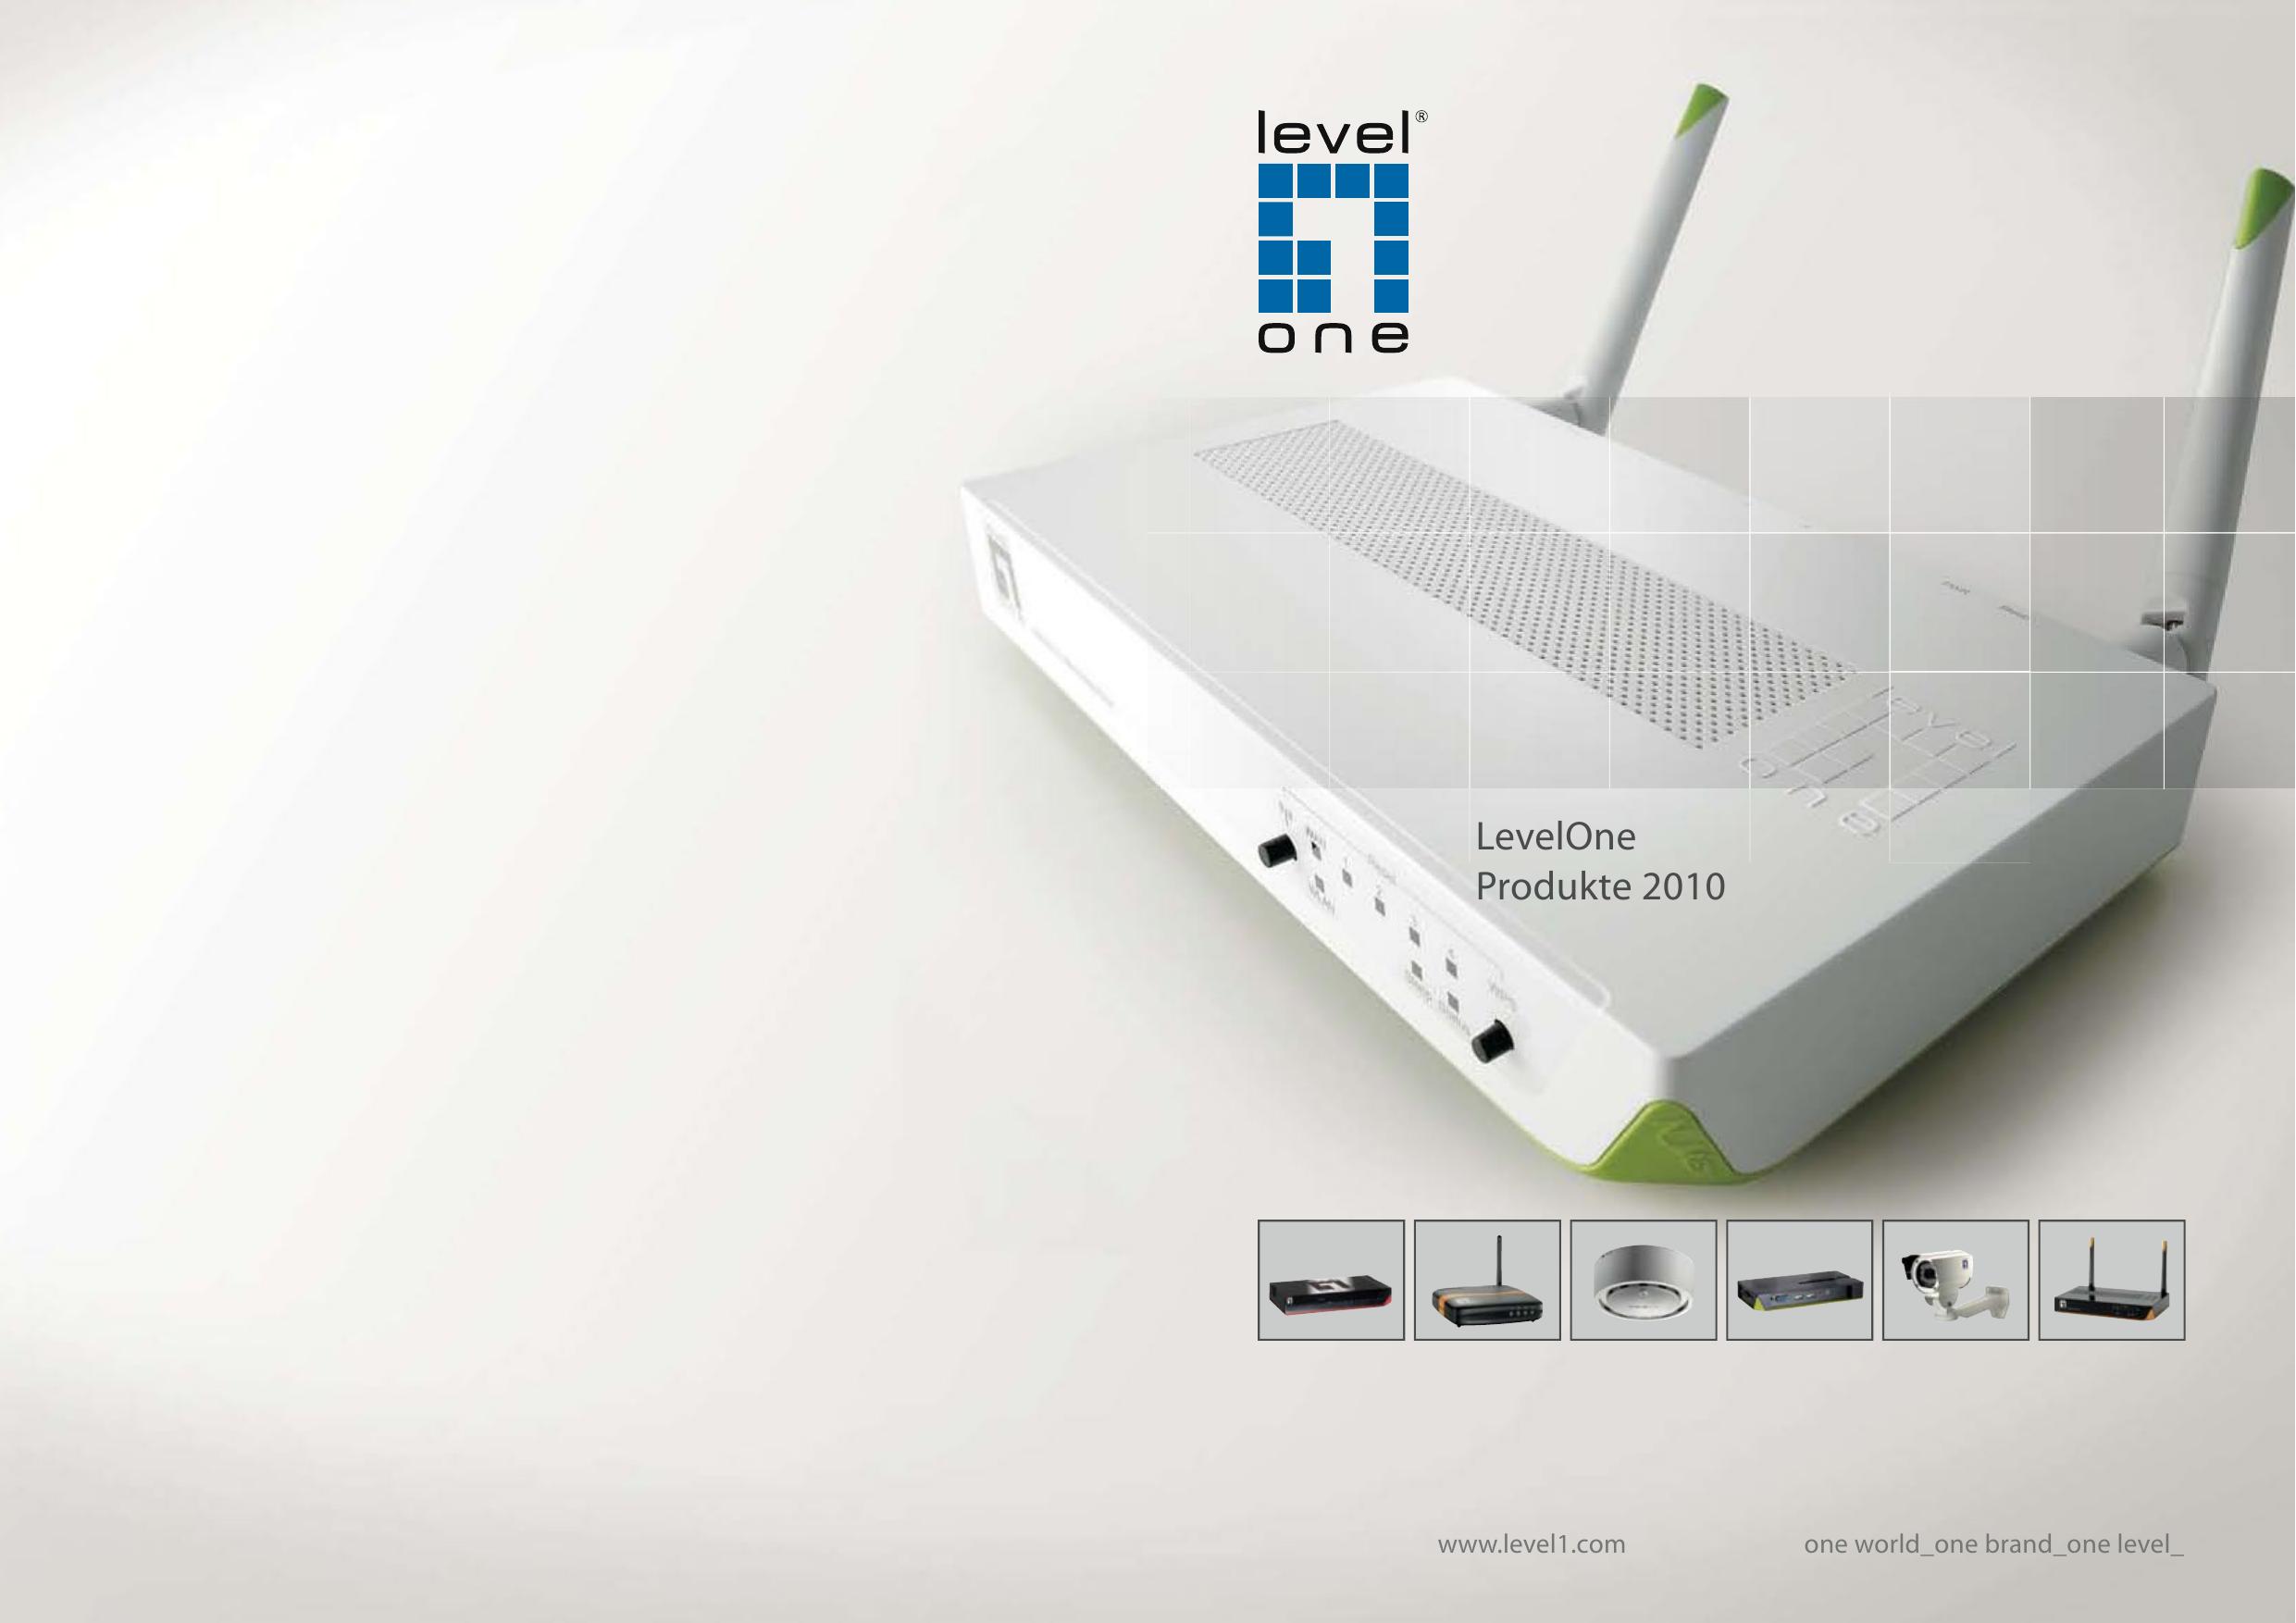 Computer & Büro Computer-peripheriegeräte 4 Port Hub Usb 2.0 Kvm Vga/svga Switch Box Adapter Verbindet Drucker Intelli Tastatur Maus 4 Computern Verwenden 1 Monitor Fortgeschrittene Technologie üBernehmen